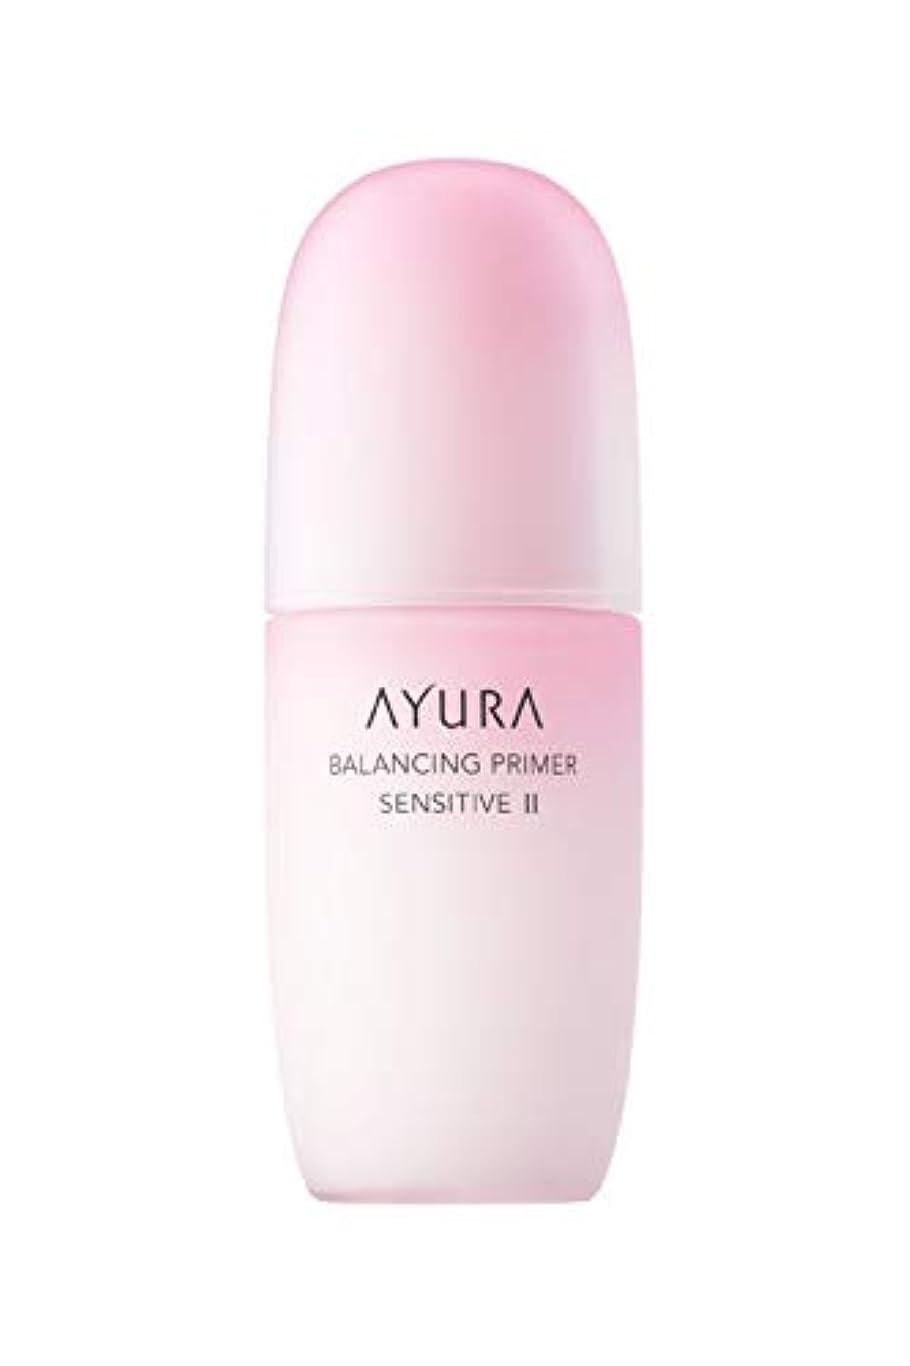 巨大ハーフ絡み合いアユーラ (AYURA) バランシング プライマー センシティブ Ⅱ (医薬部外品) < 化粧液 > 100mL しっとりうるおい 健やかなやわらか肌へ コクのある ミルクタイプ 敏感肌用